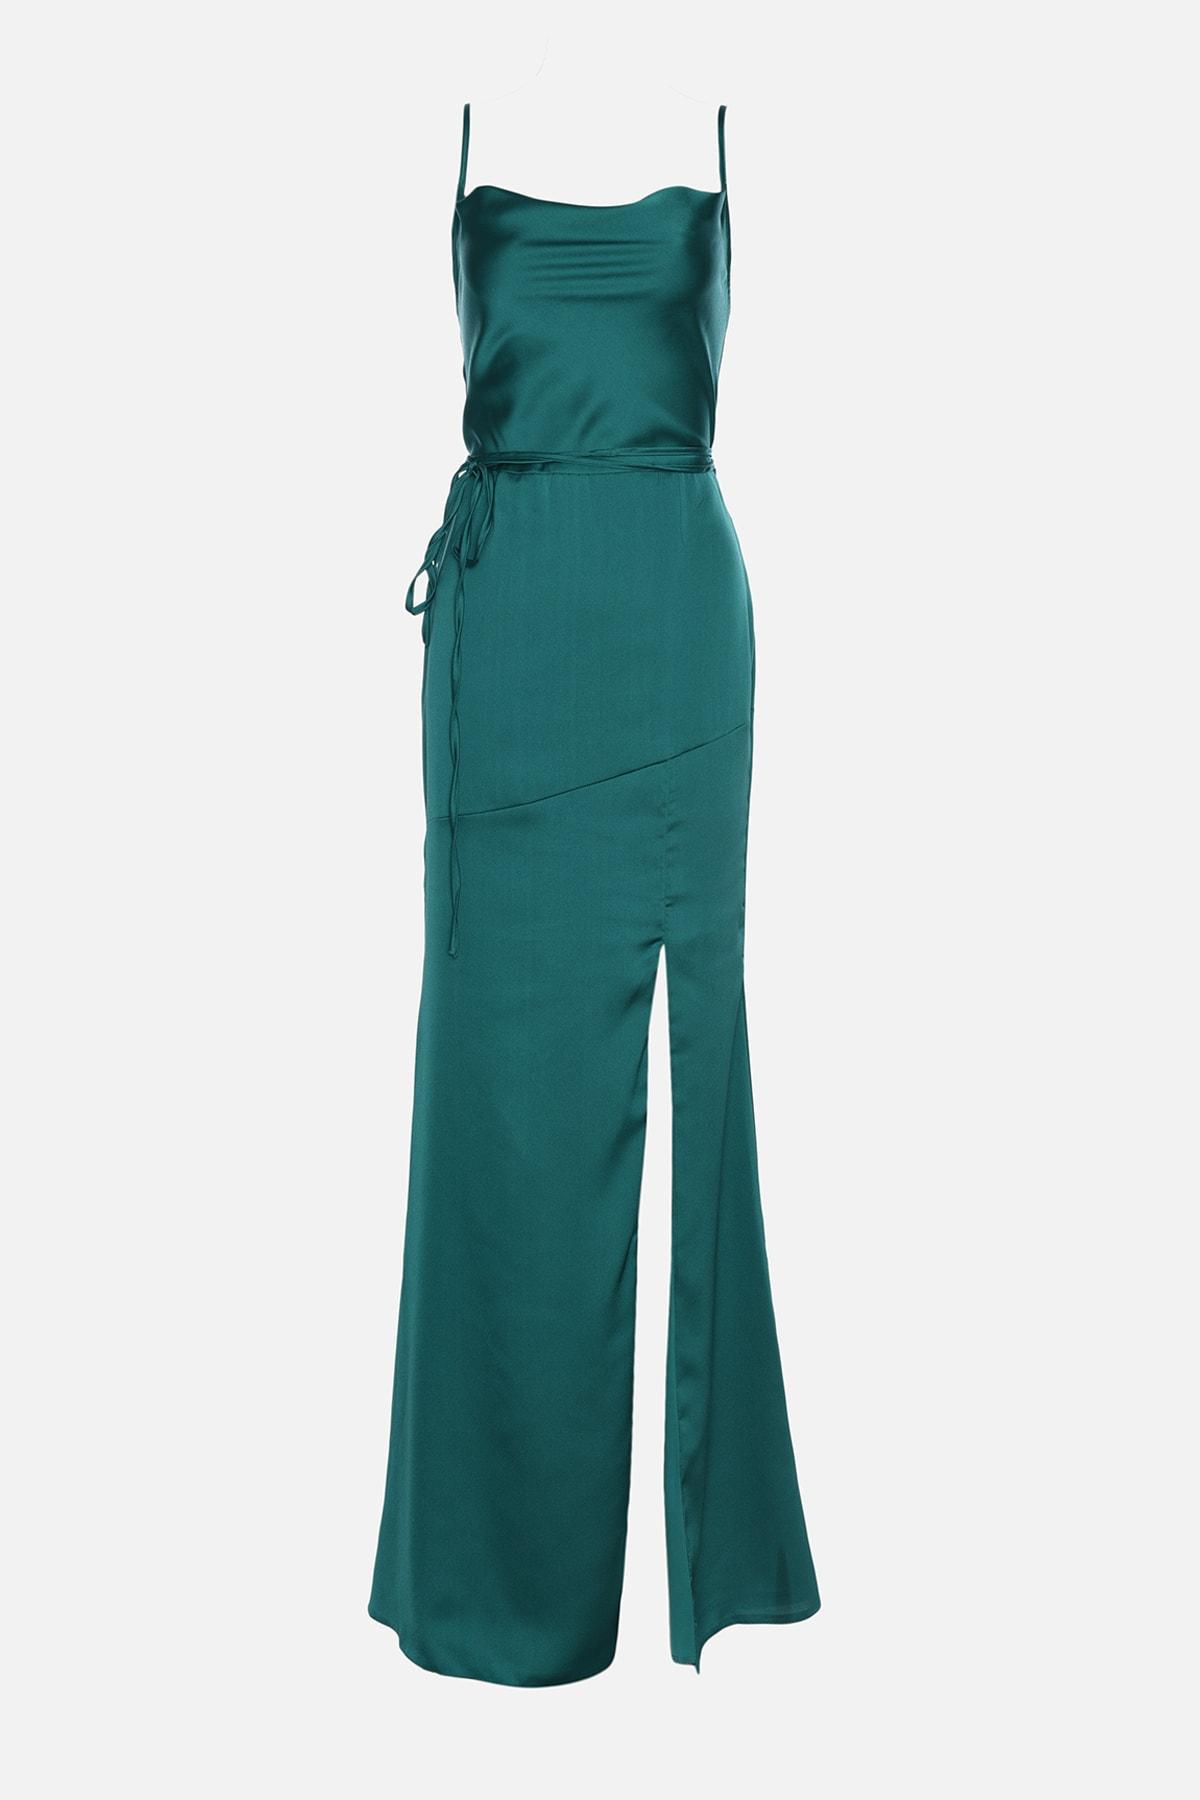 خرید اسان لباس مجلسی زنانه زیبا مارک ترندیول میلا رنگ سبز کد ty100289840